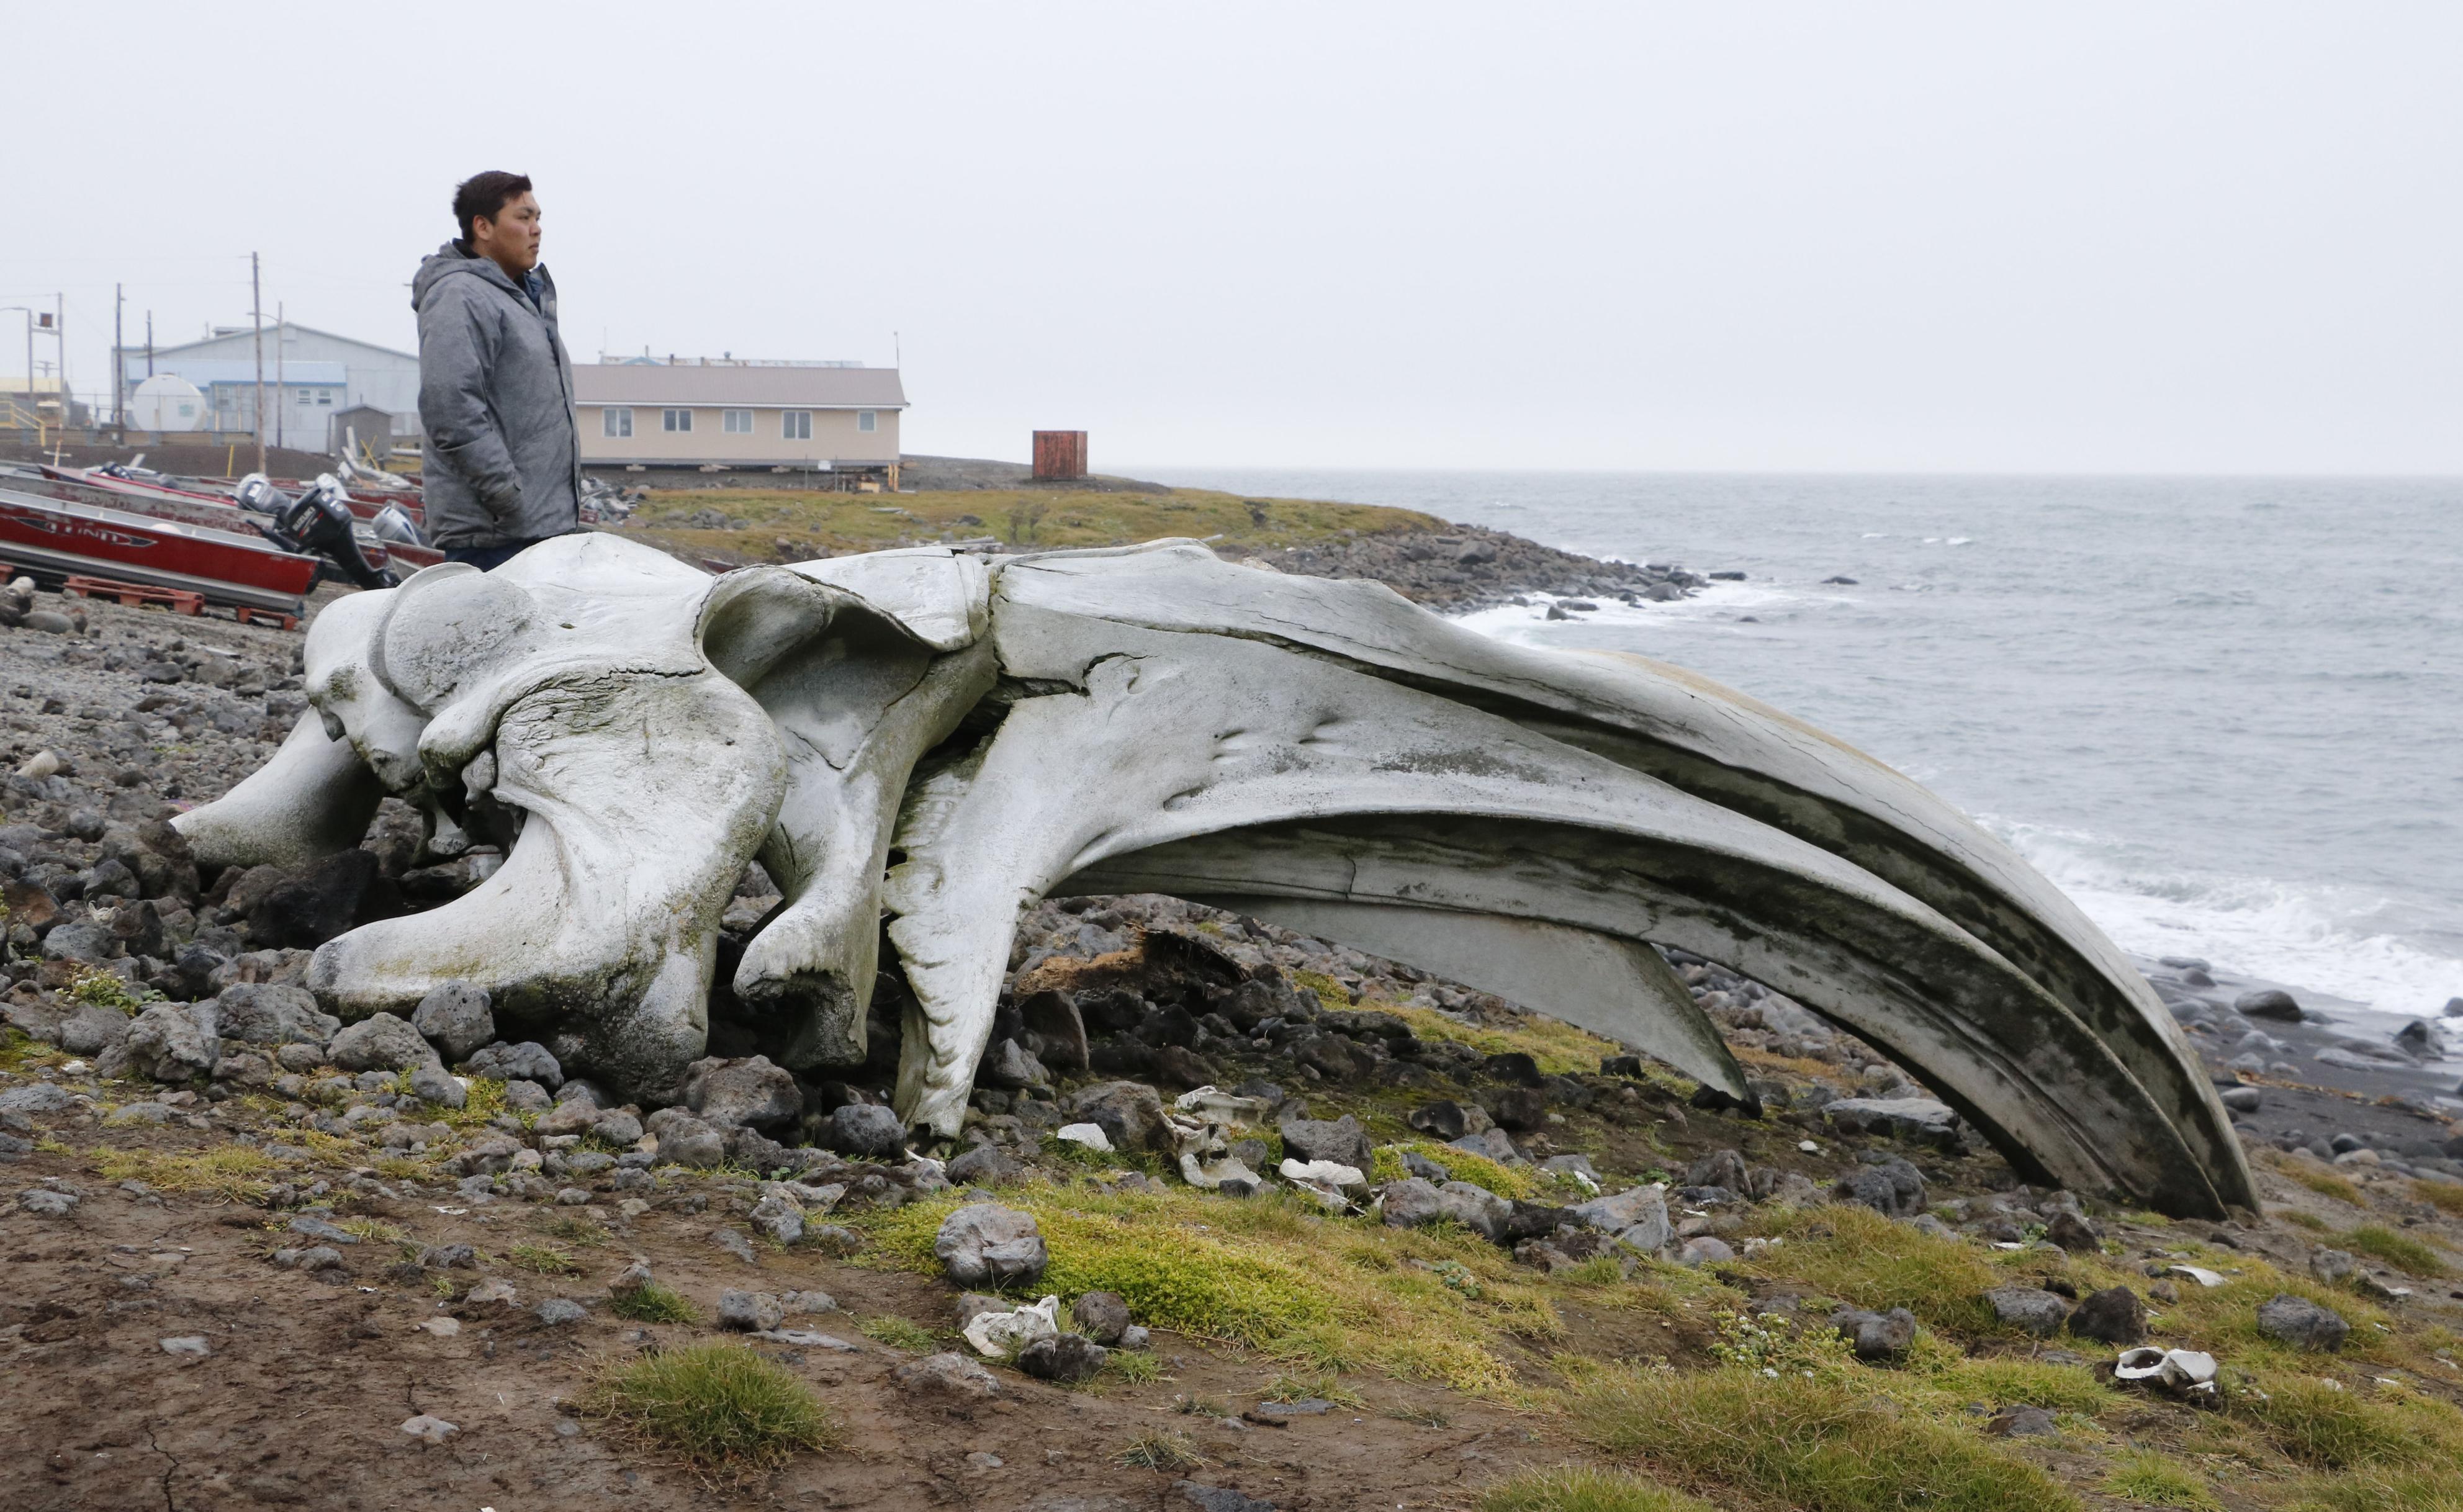 米アラスカ州・セントローレンス島のサボオンガの海岸。ホッキョククジラの巨大な骨が横たわる。魚、セイウチ、クジラなど、海は食料を供給してくれる「農場」だと長老格の住民たちは話した=8月(共同)